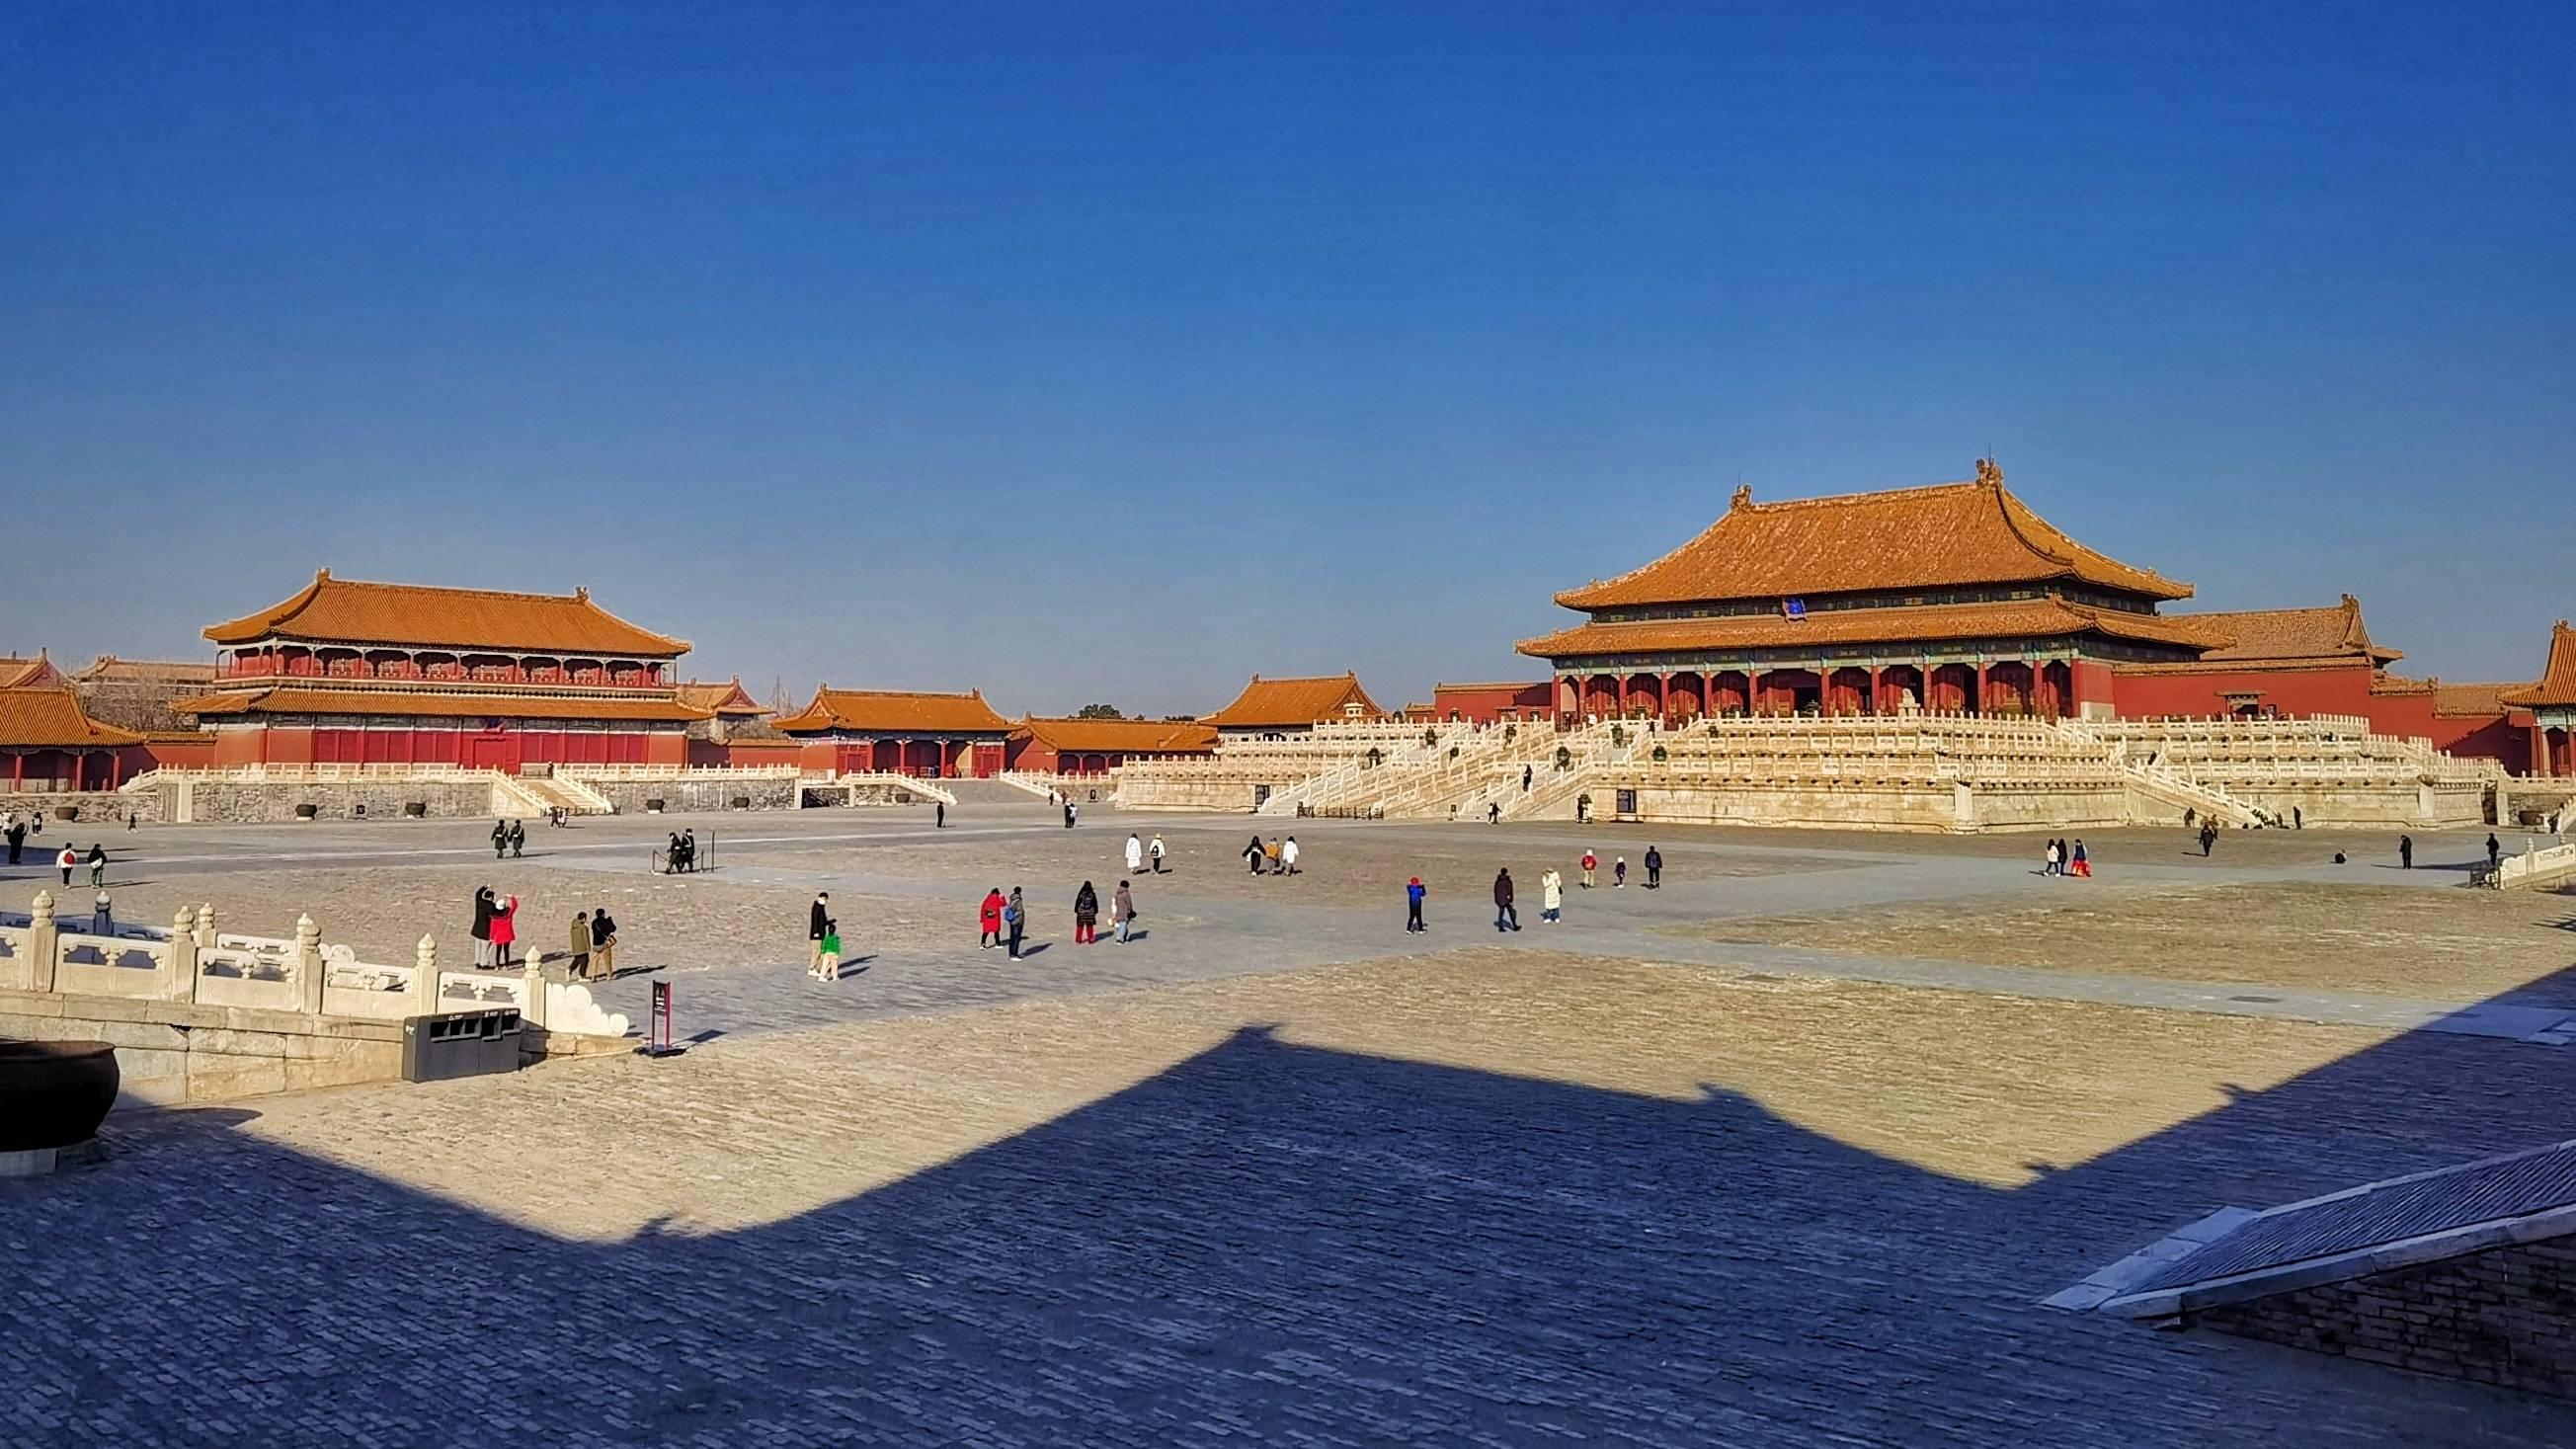 """原创             香港中国旅游社群摄影师郭永林:""""故宫""""穿越时间的建筑之美"""